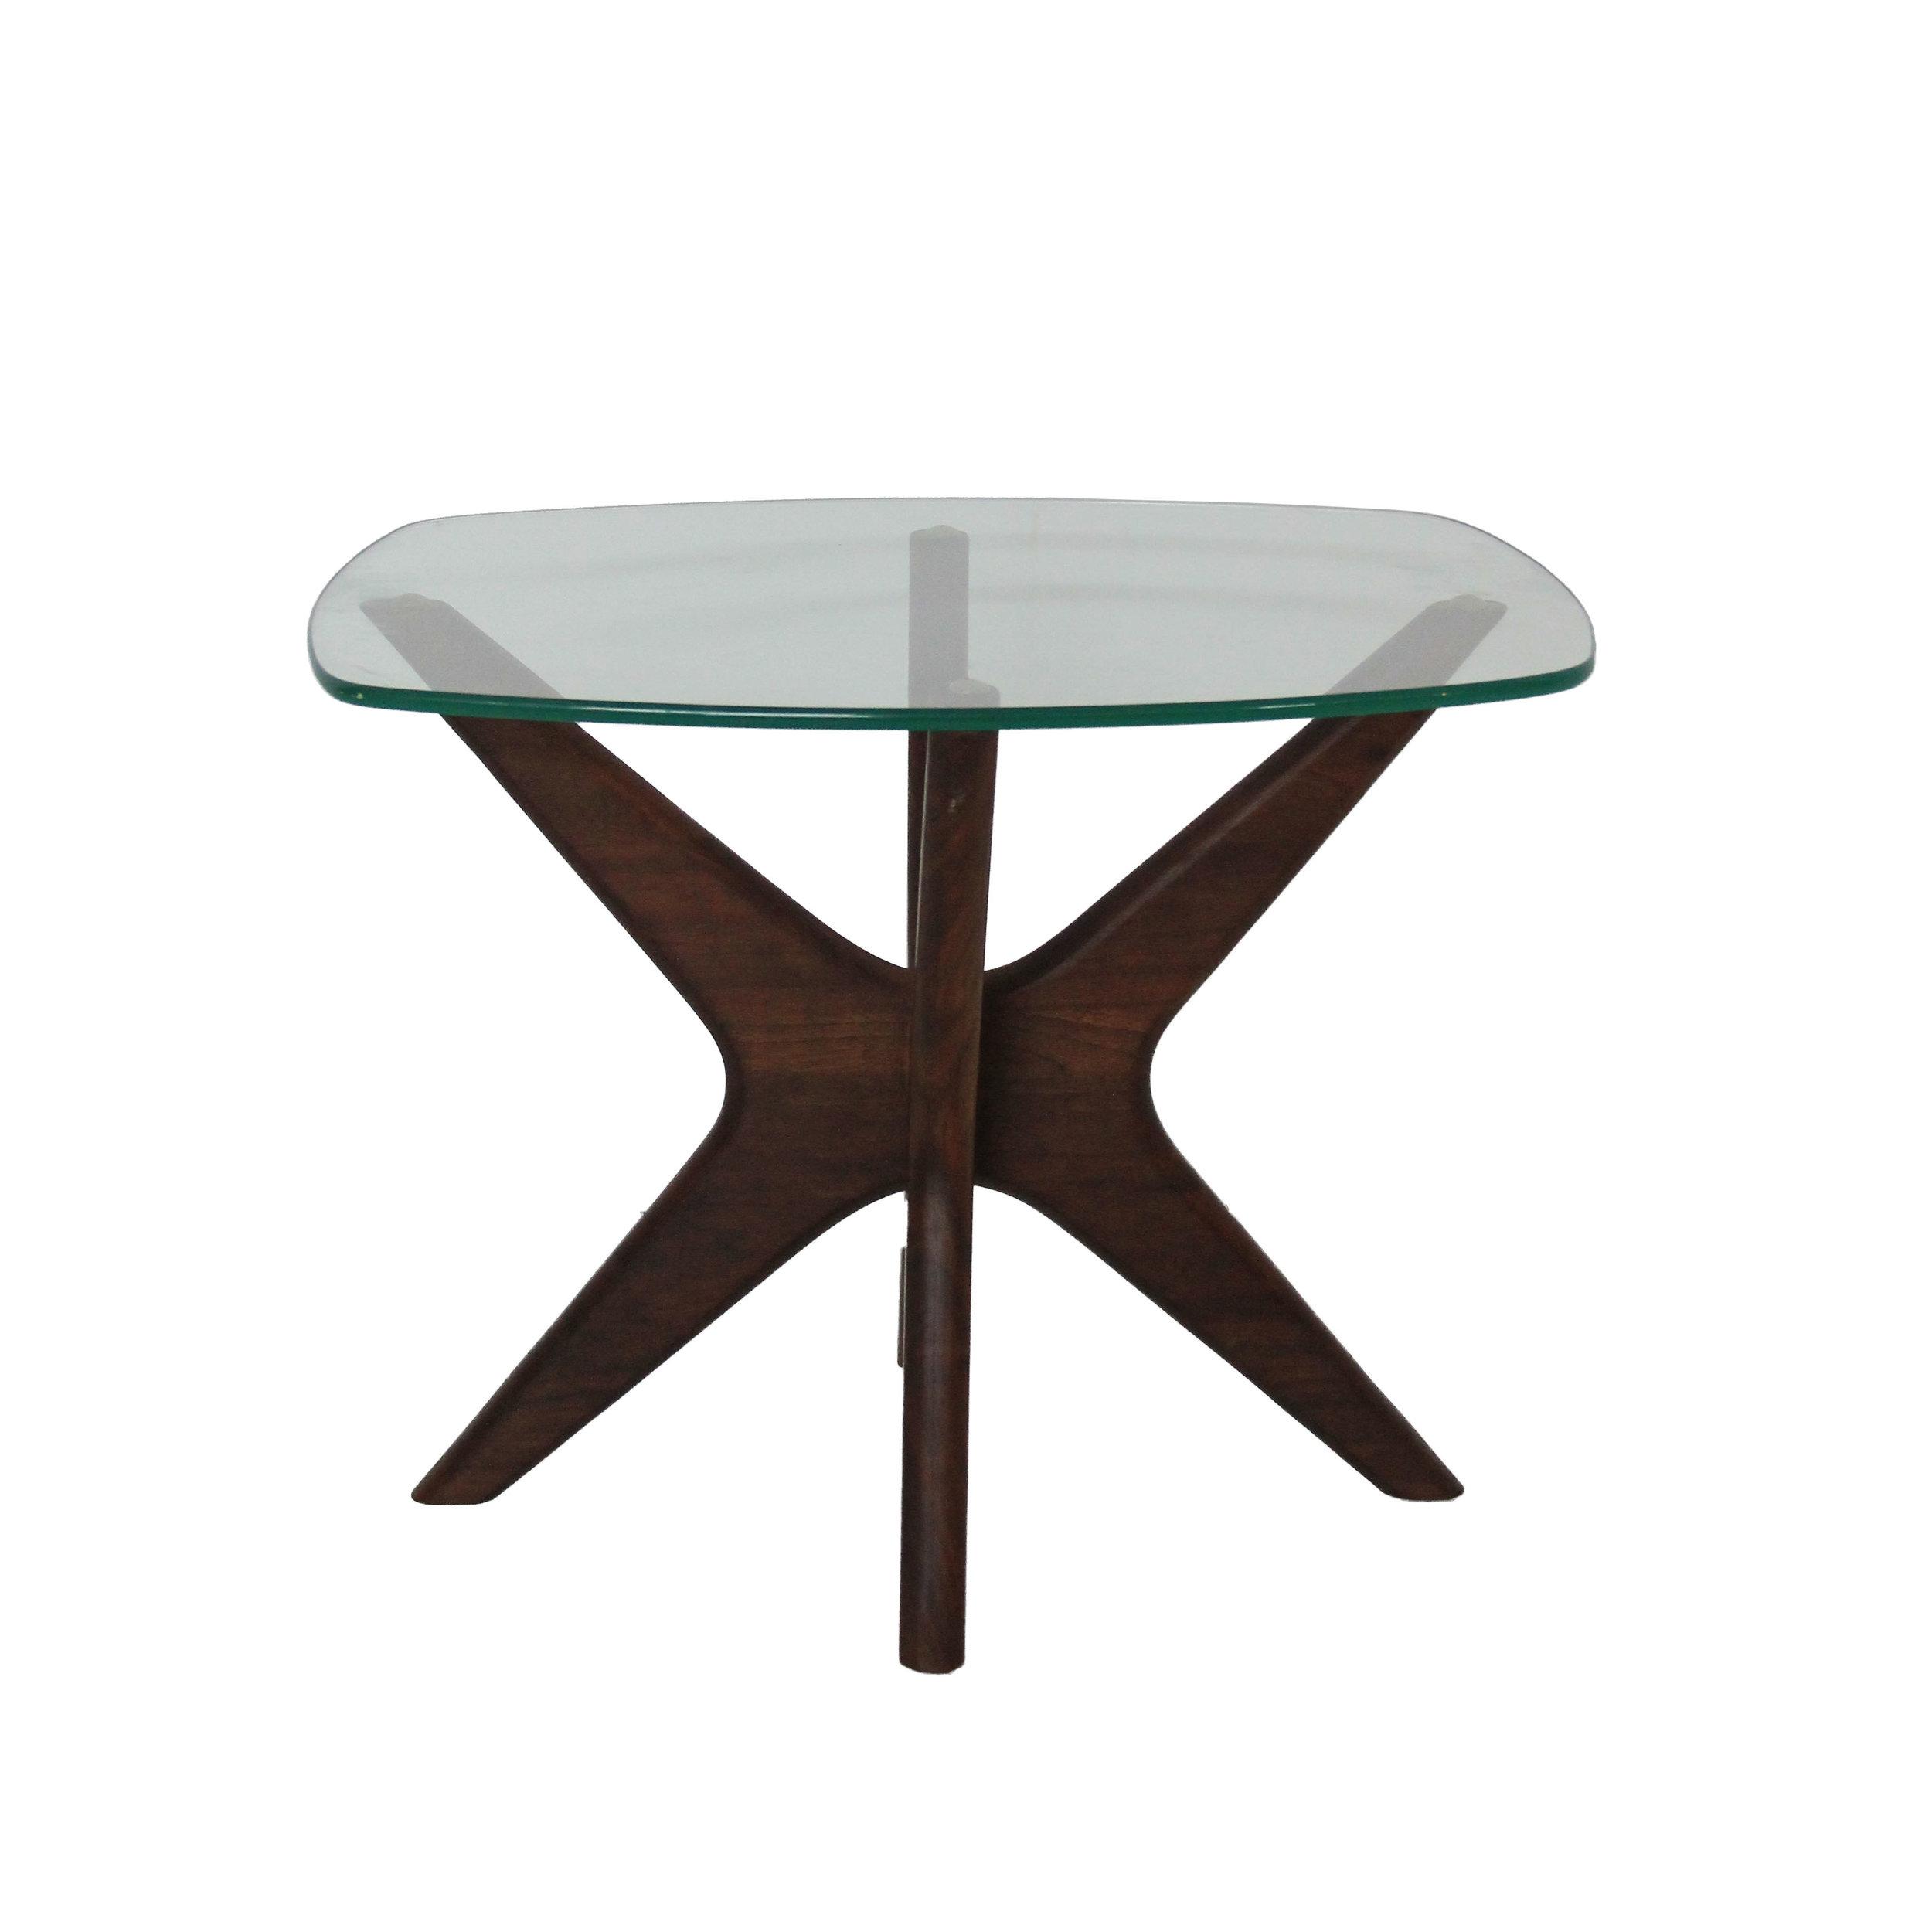 Vintage Mid Century Modern Adrian Pearsall Jack's Table